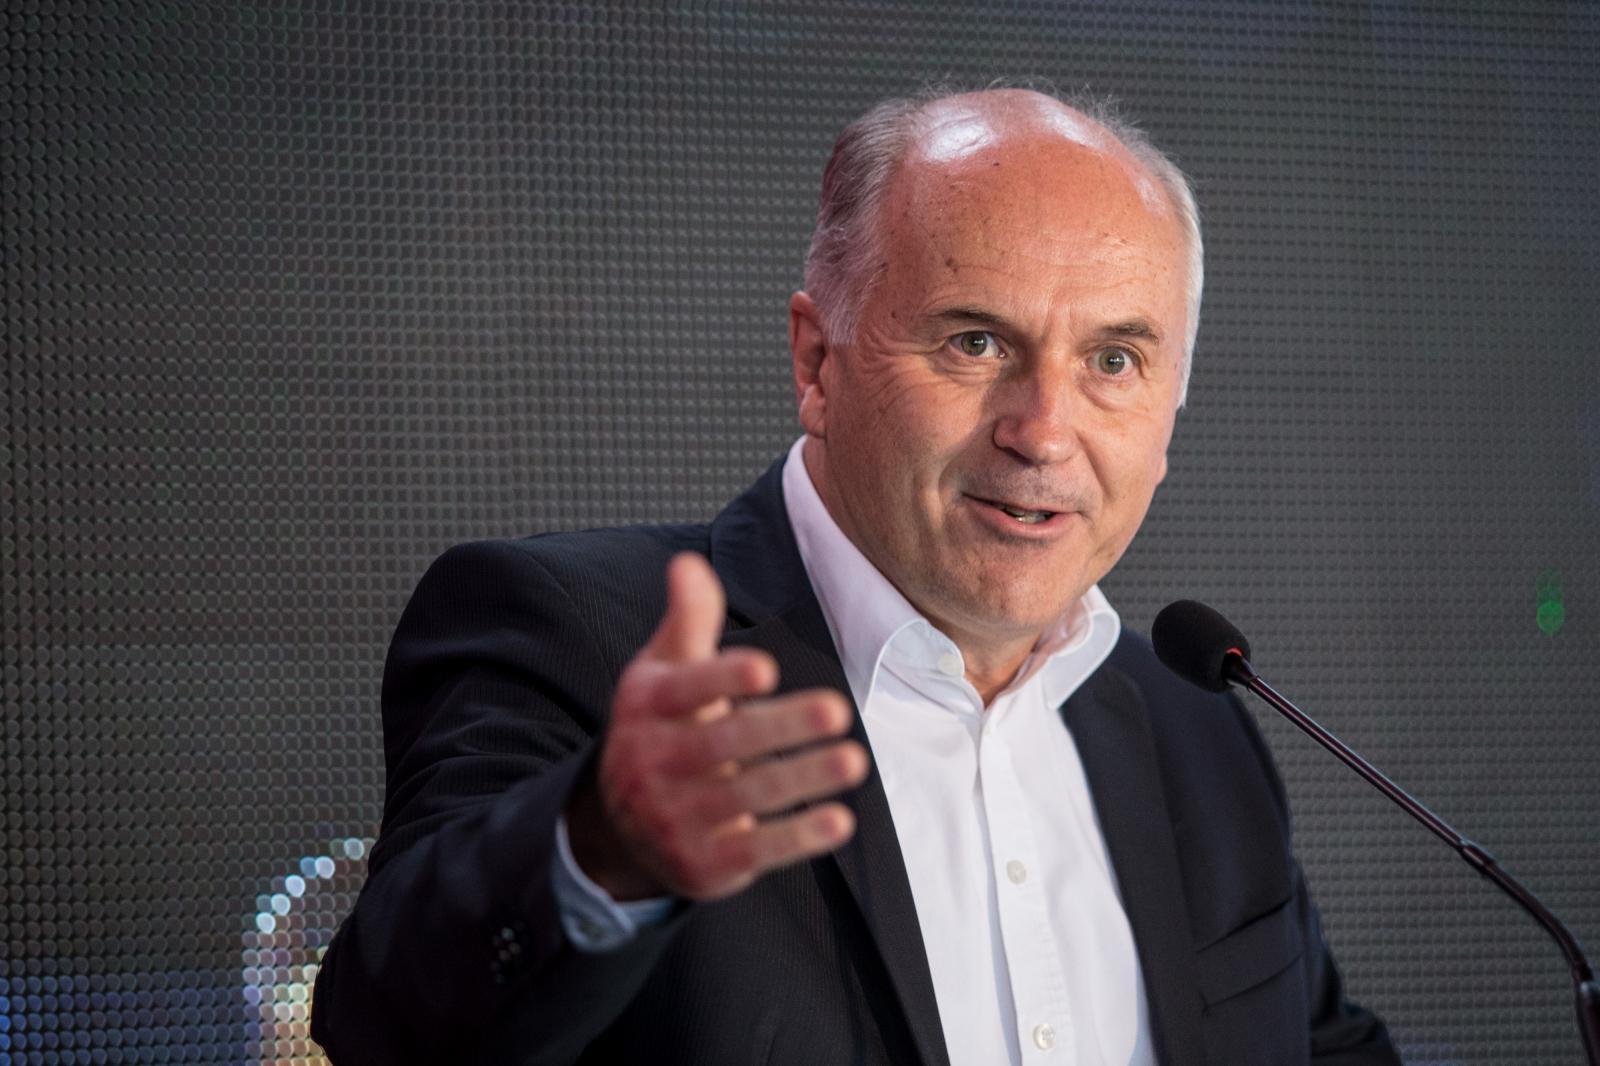 INZKO 'Komšić je izabran po pravilima s prošlih izbora'